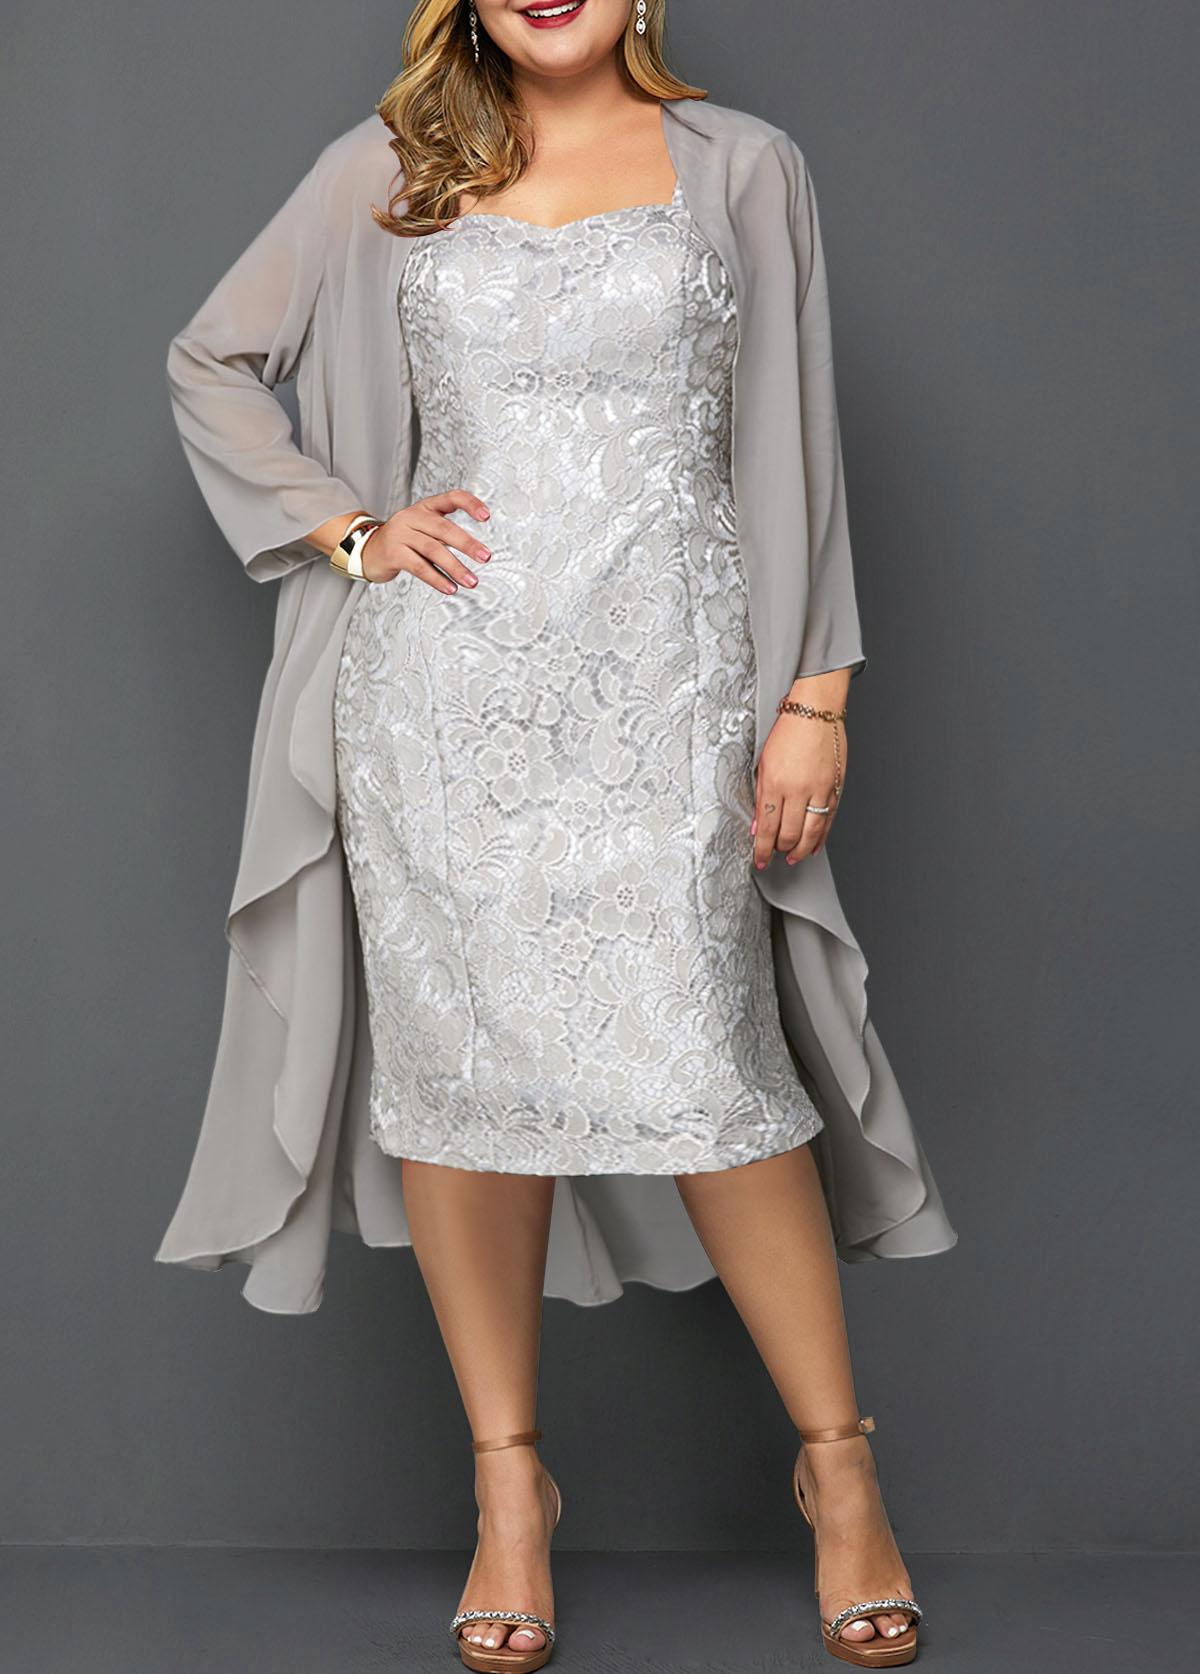 ROTITA Plus Size Chiffon Cardigan and Lace Sleeveless Dress